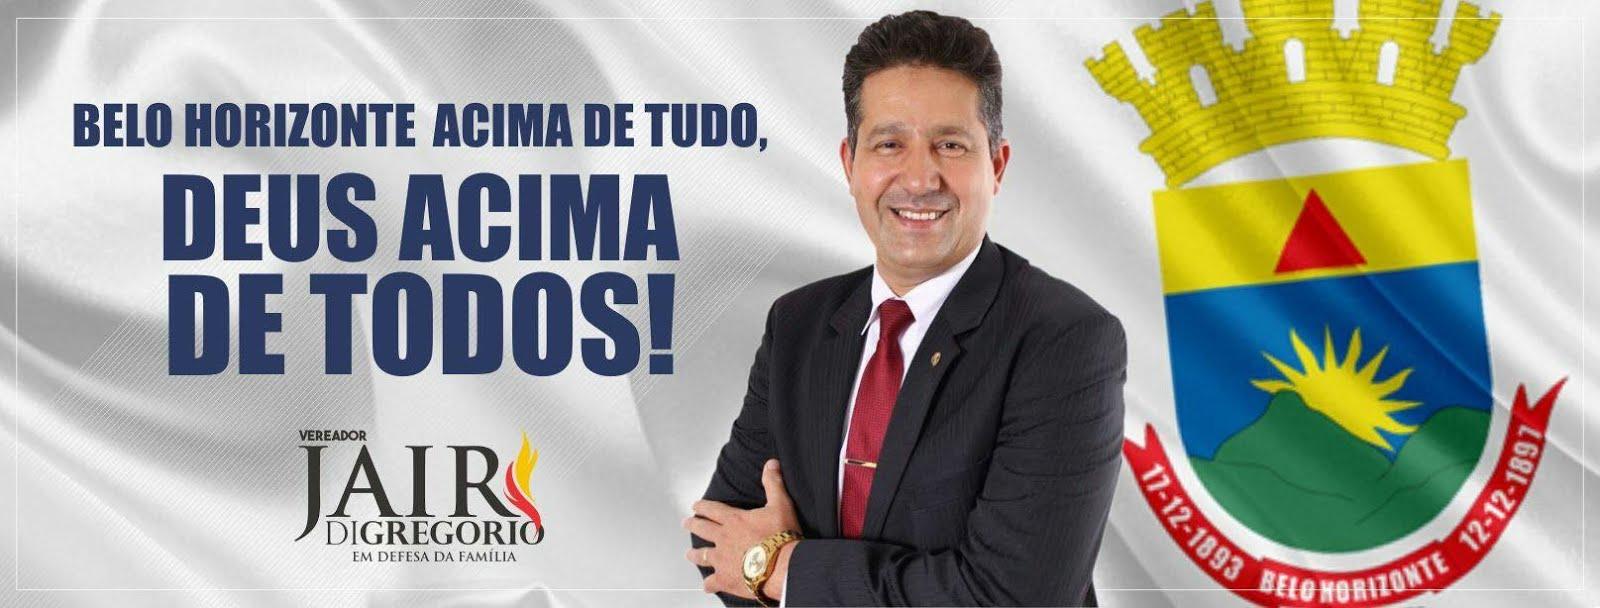 Vereador Jair Di Gregório